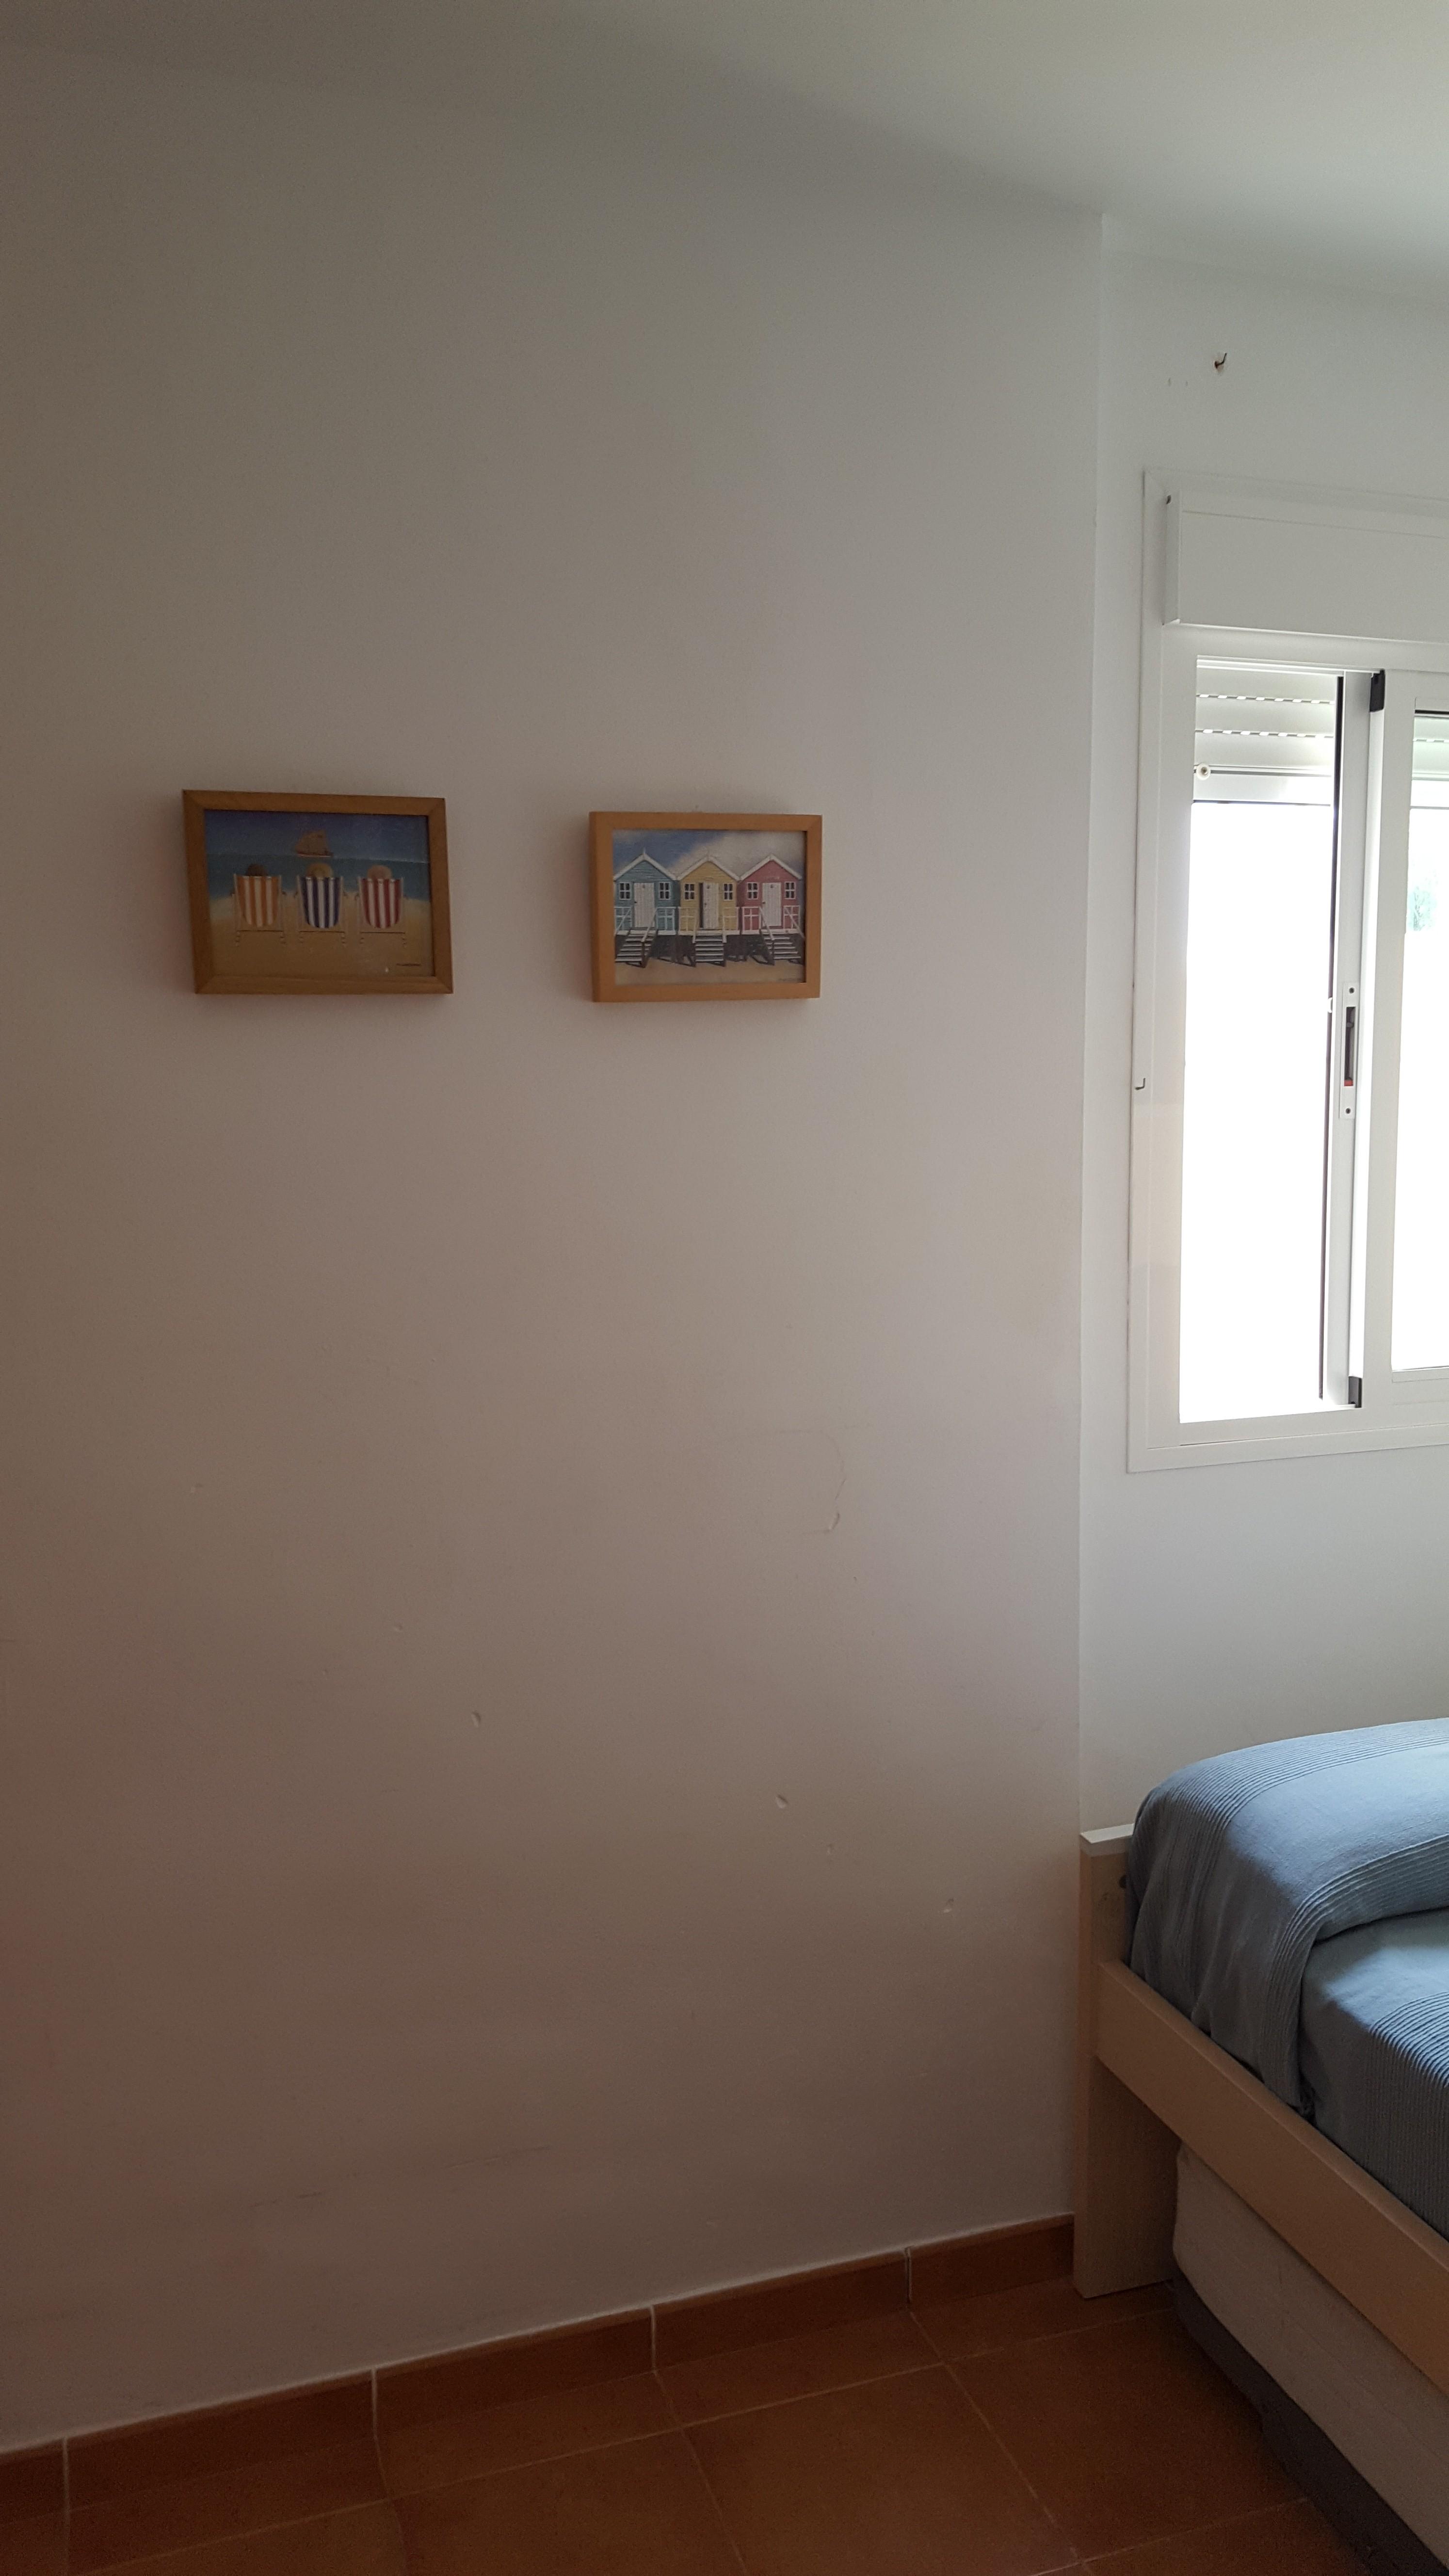 Ferienwohnung 3 Schlafzimmer Wohnung zu vermieten in Mojcar, Spanien (2388895), Mojacar, Costa de Almeria, Andalusien, Spanien, Bild 19